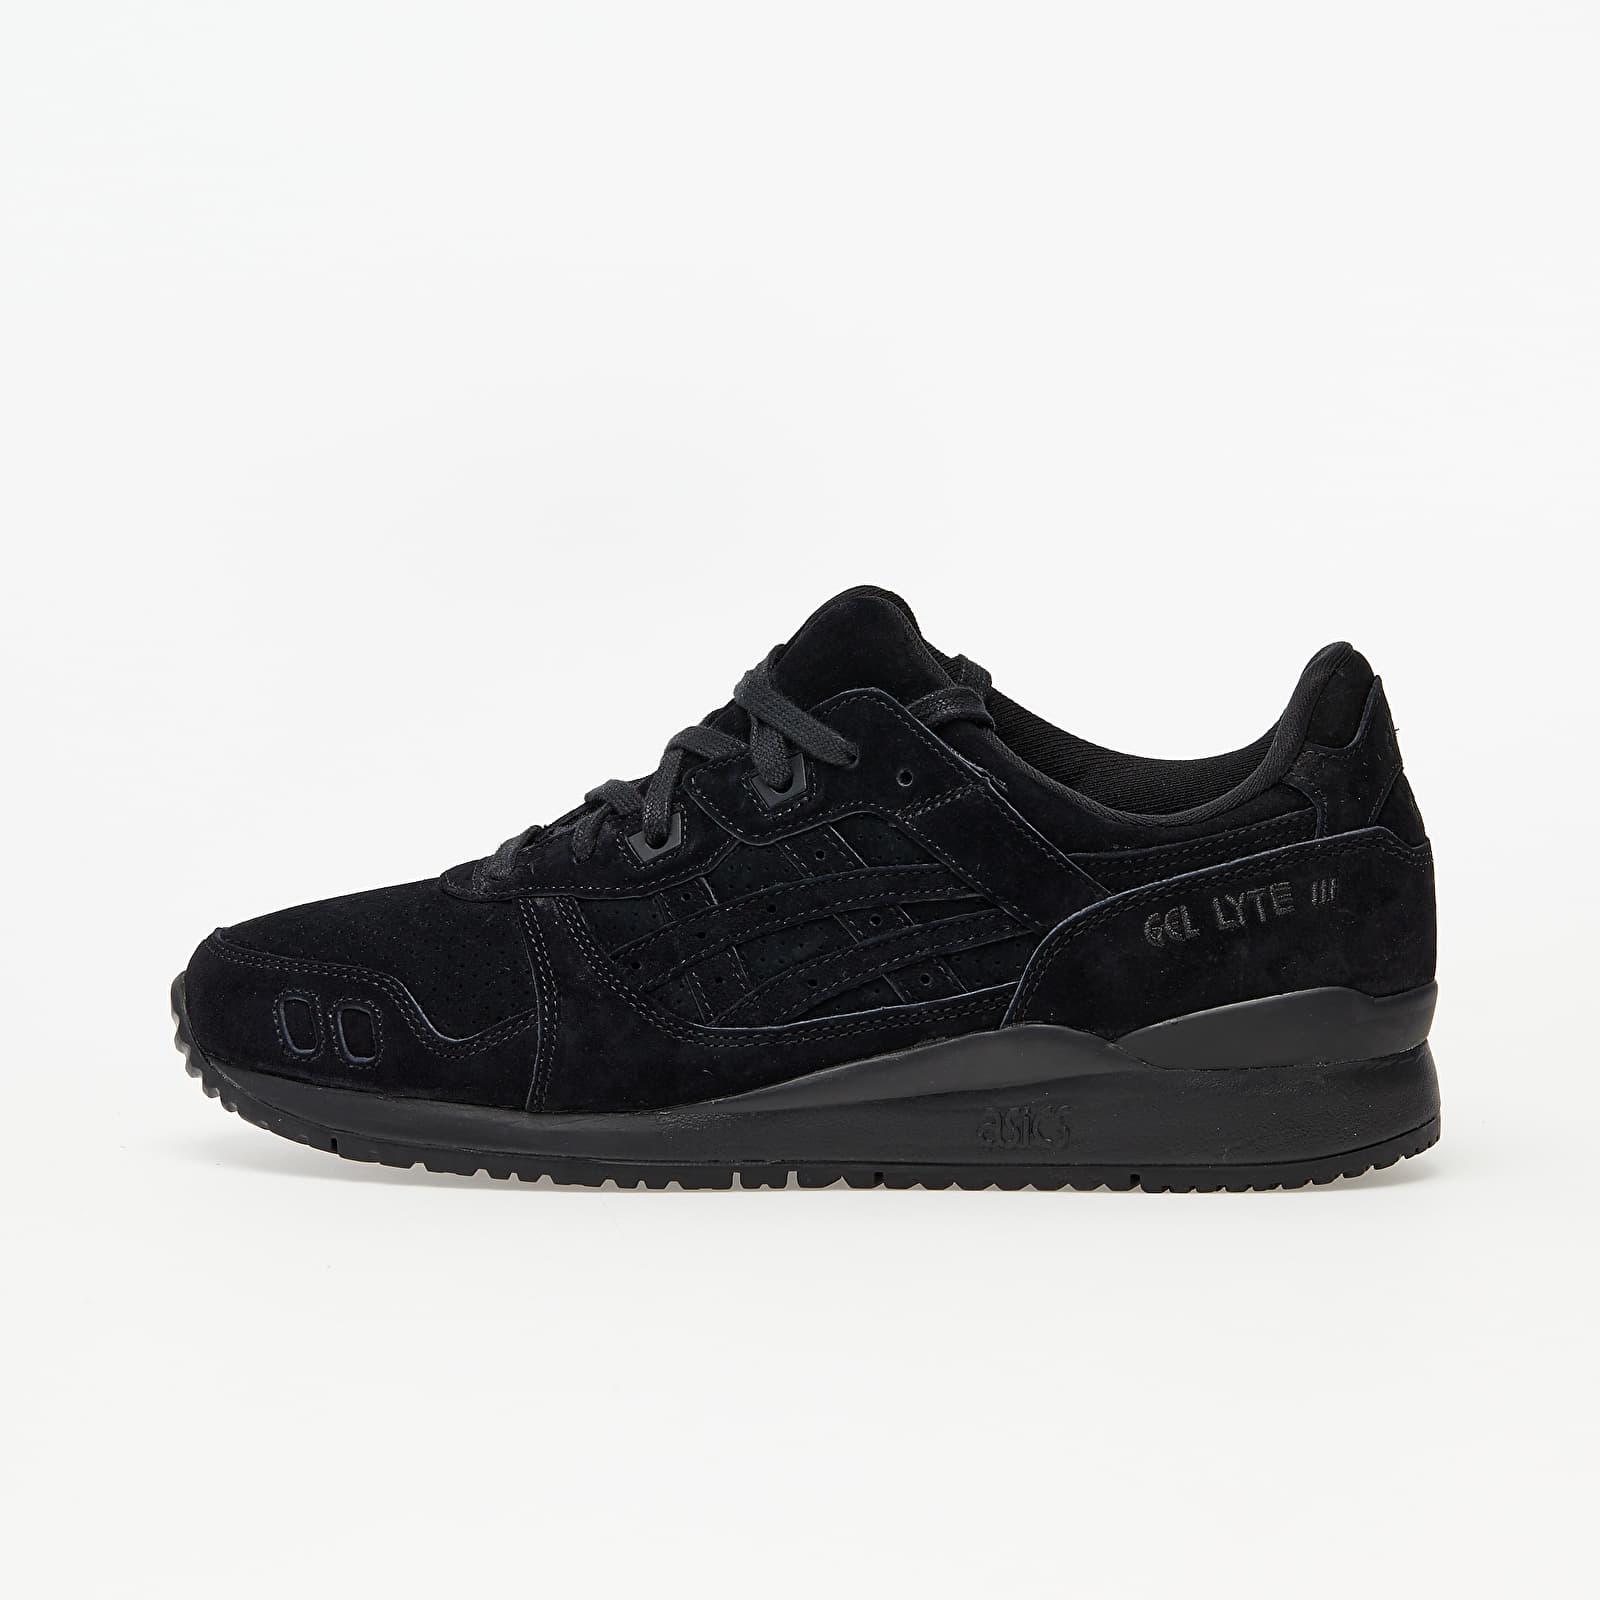 Pánske tenisky a topánky Asics Gel-Lyte III OG Black/ Black